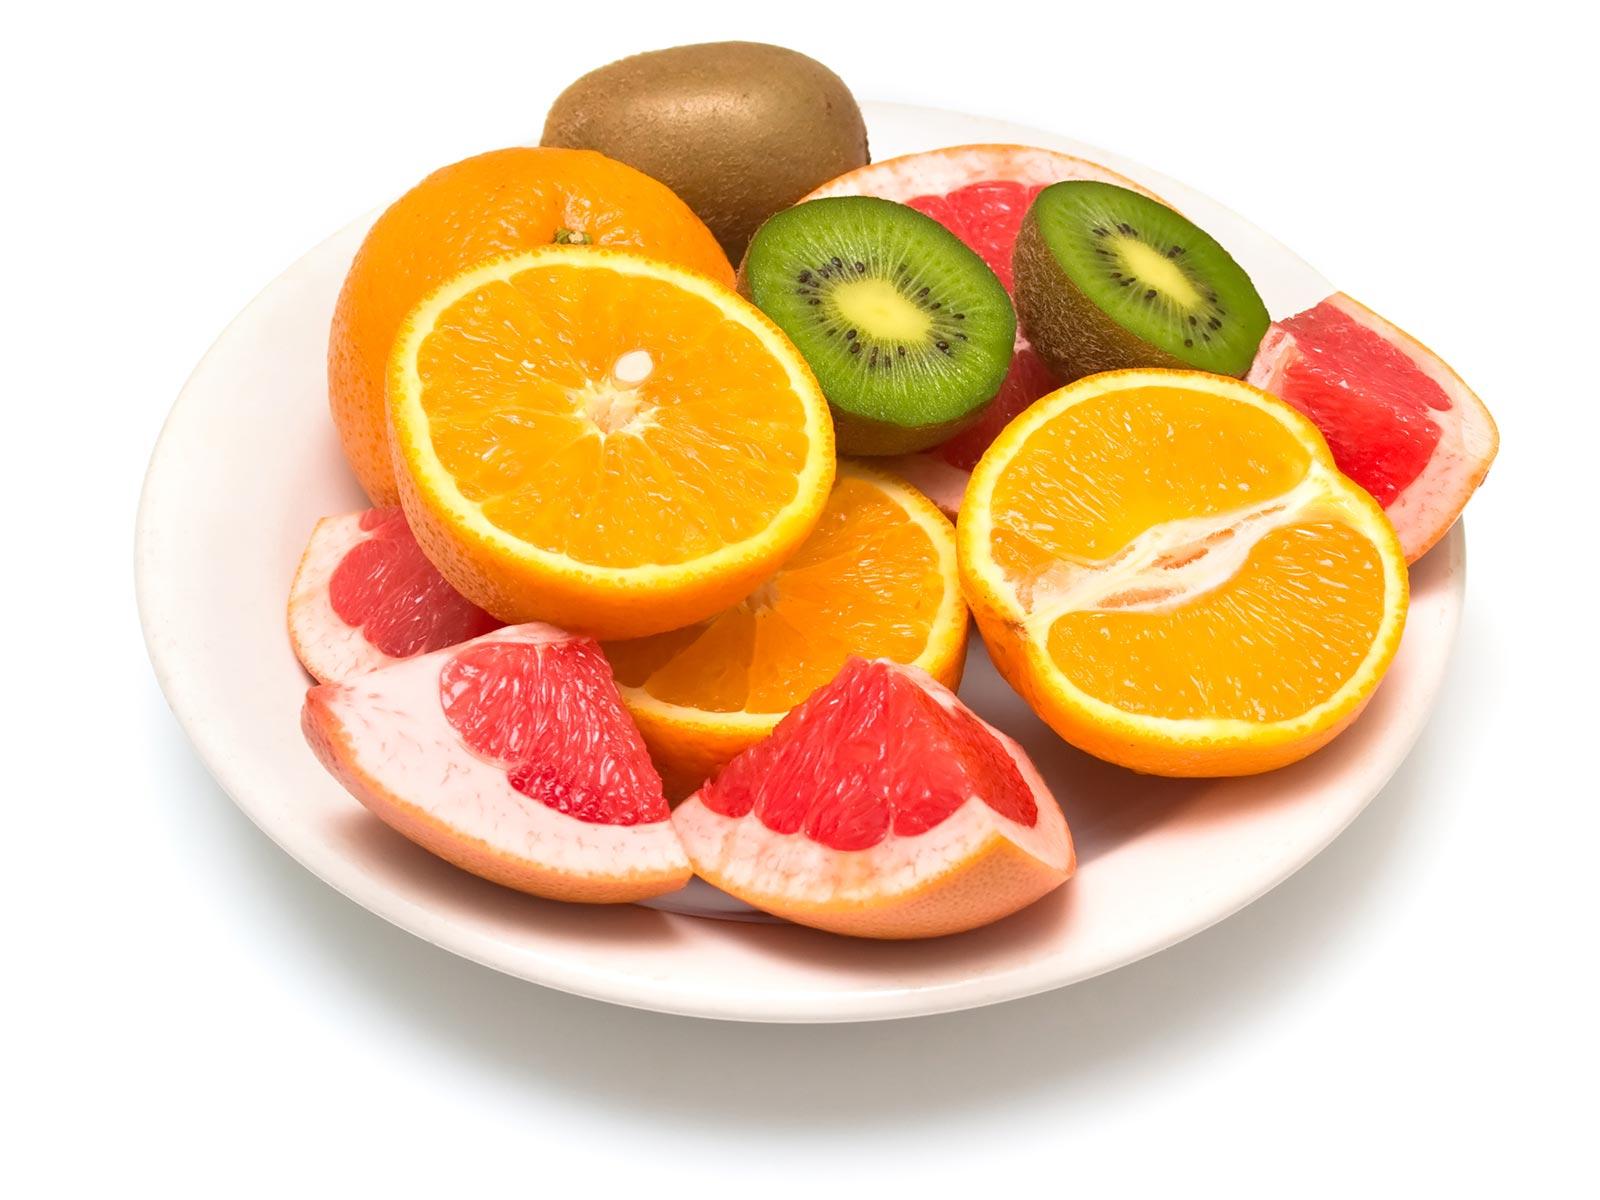 Importância da fruta ao pequeno-almoço 1